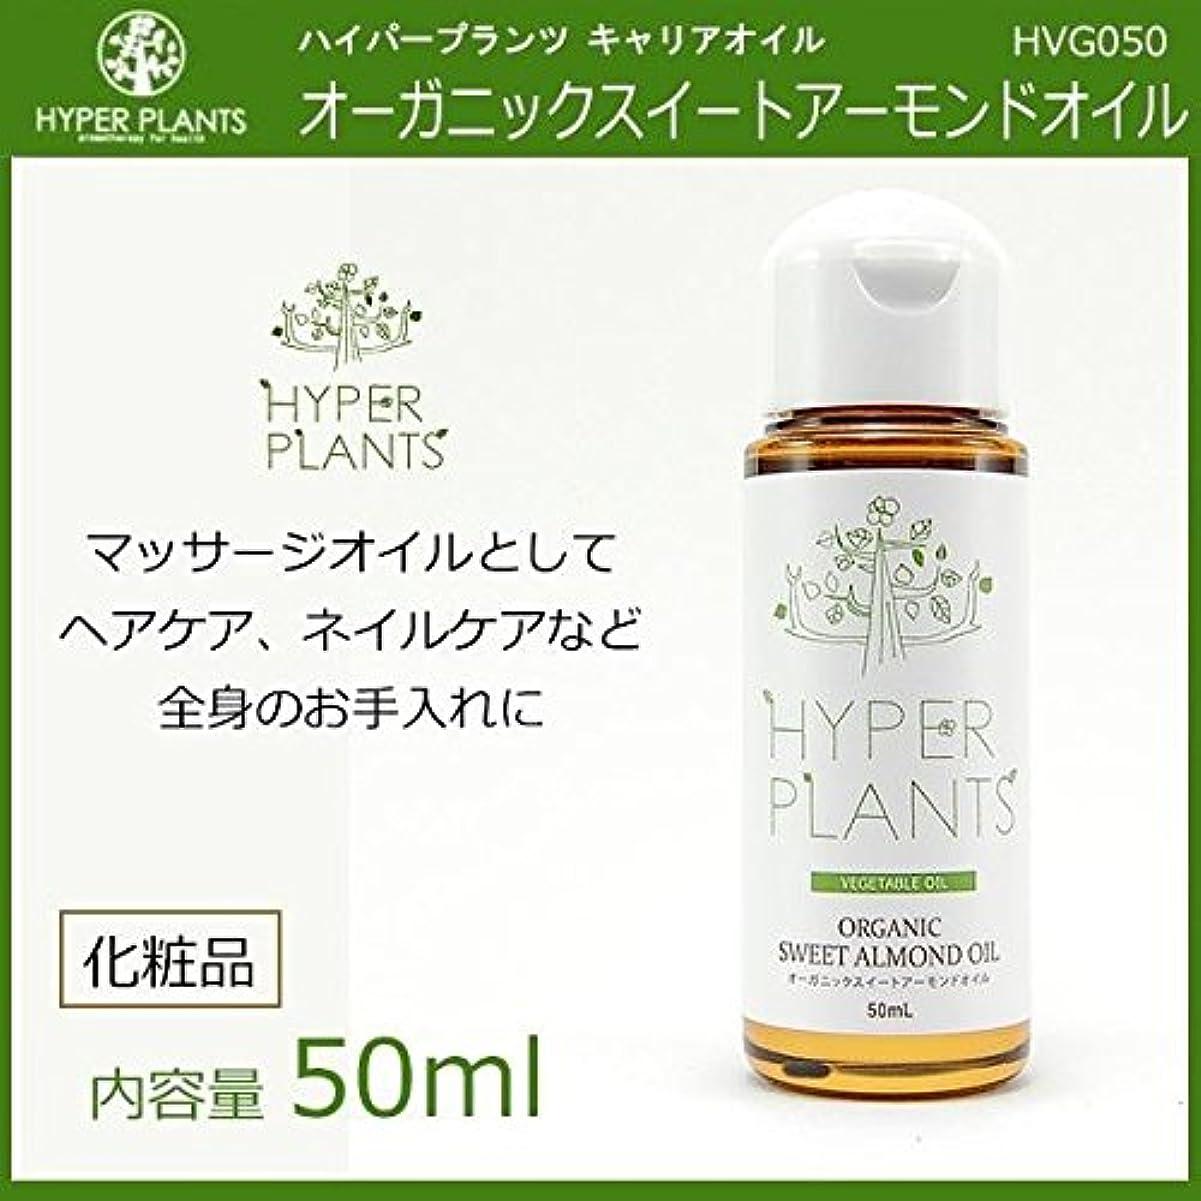 マウスショート典型的なHYPER PLANTS ハイパープランツ キャリアオイル オーガニックスイートアーモンドオイル 50ml HVG050